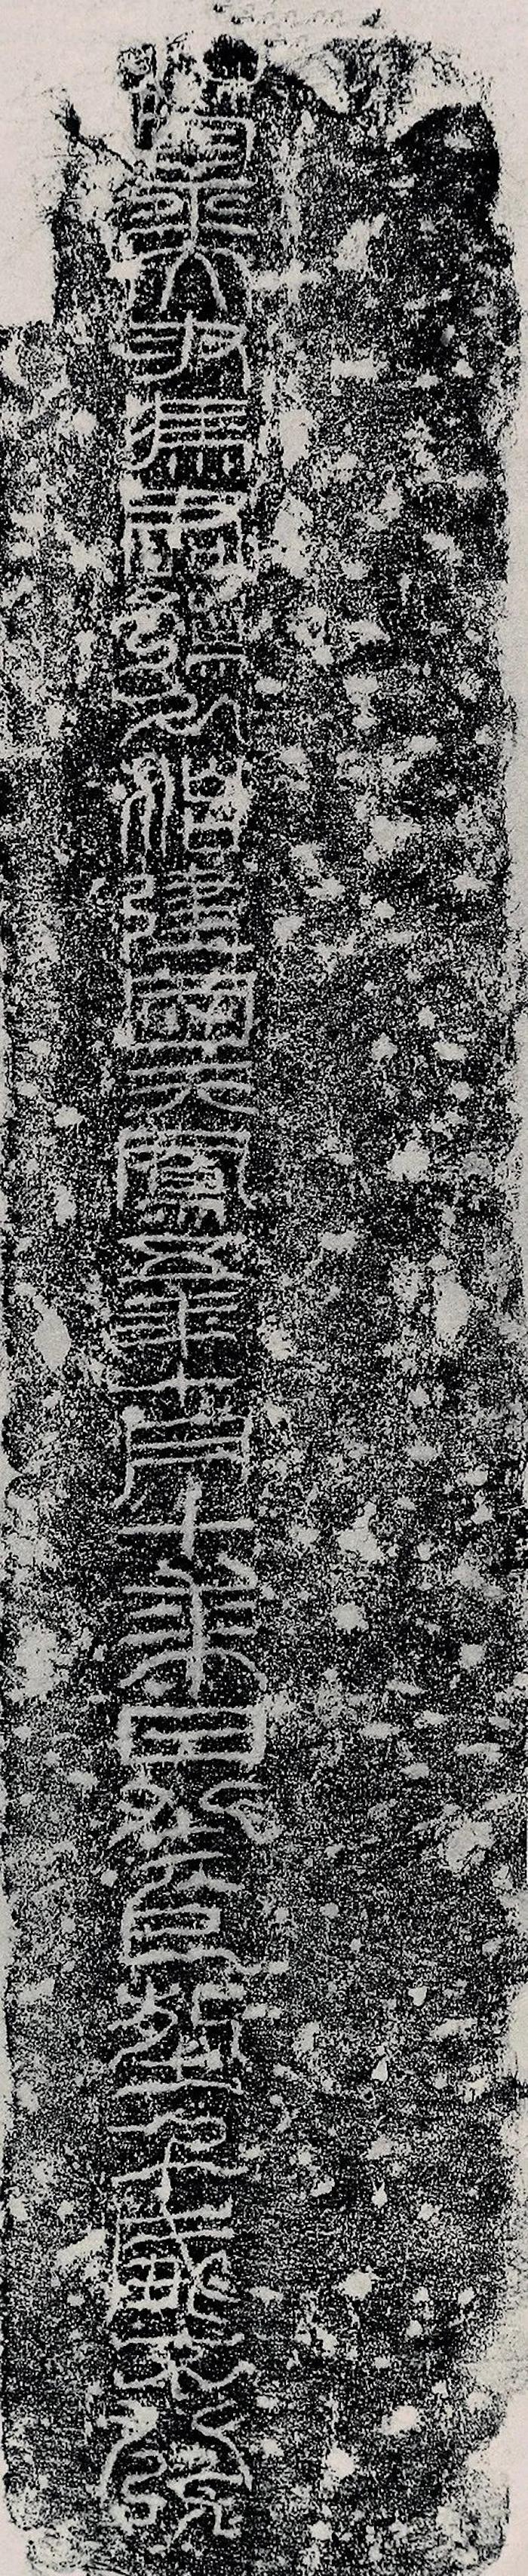 新莽天鳳五年(十八) 河南唐河新店天鳳五年馮孺久畫像石墓題記拓片